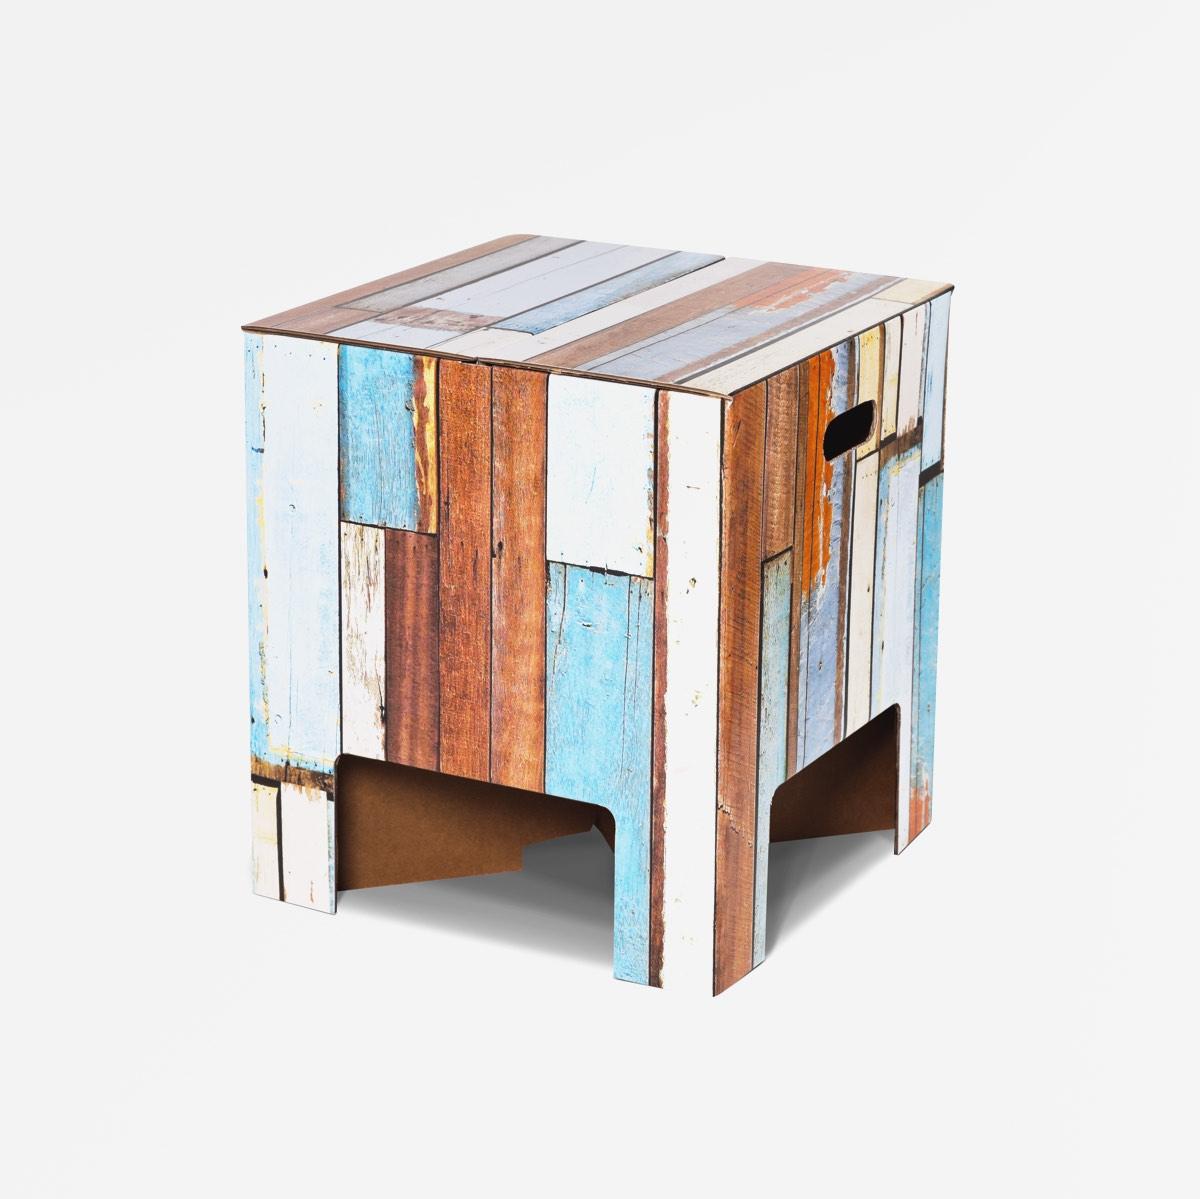 Dutch Design Chair dutch design chair tiles Dutch Design Chair Something Blue